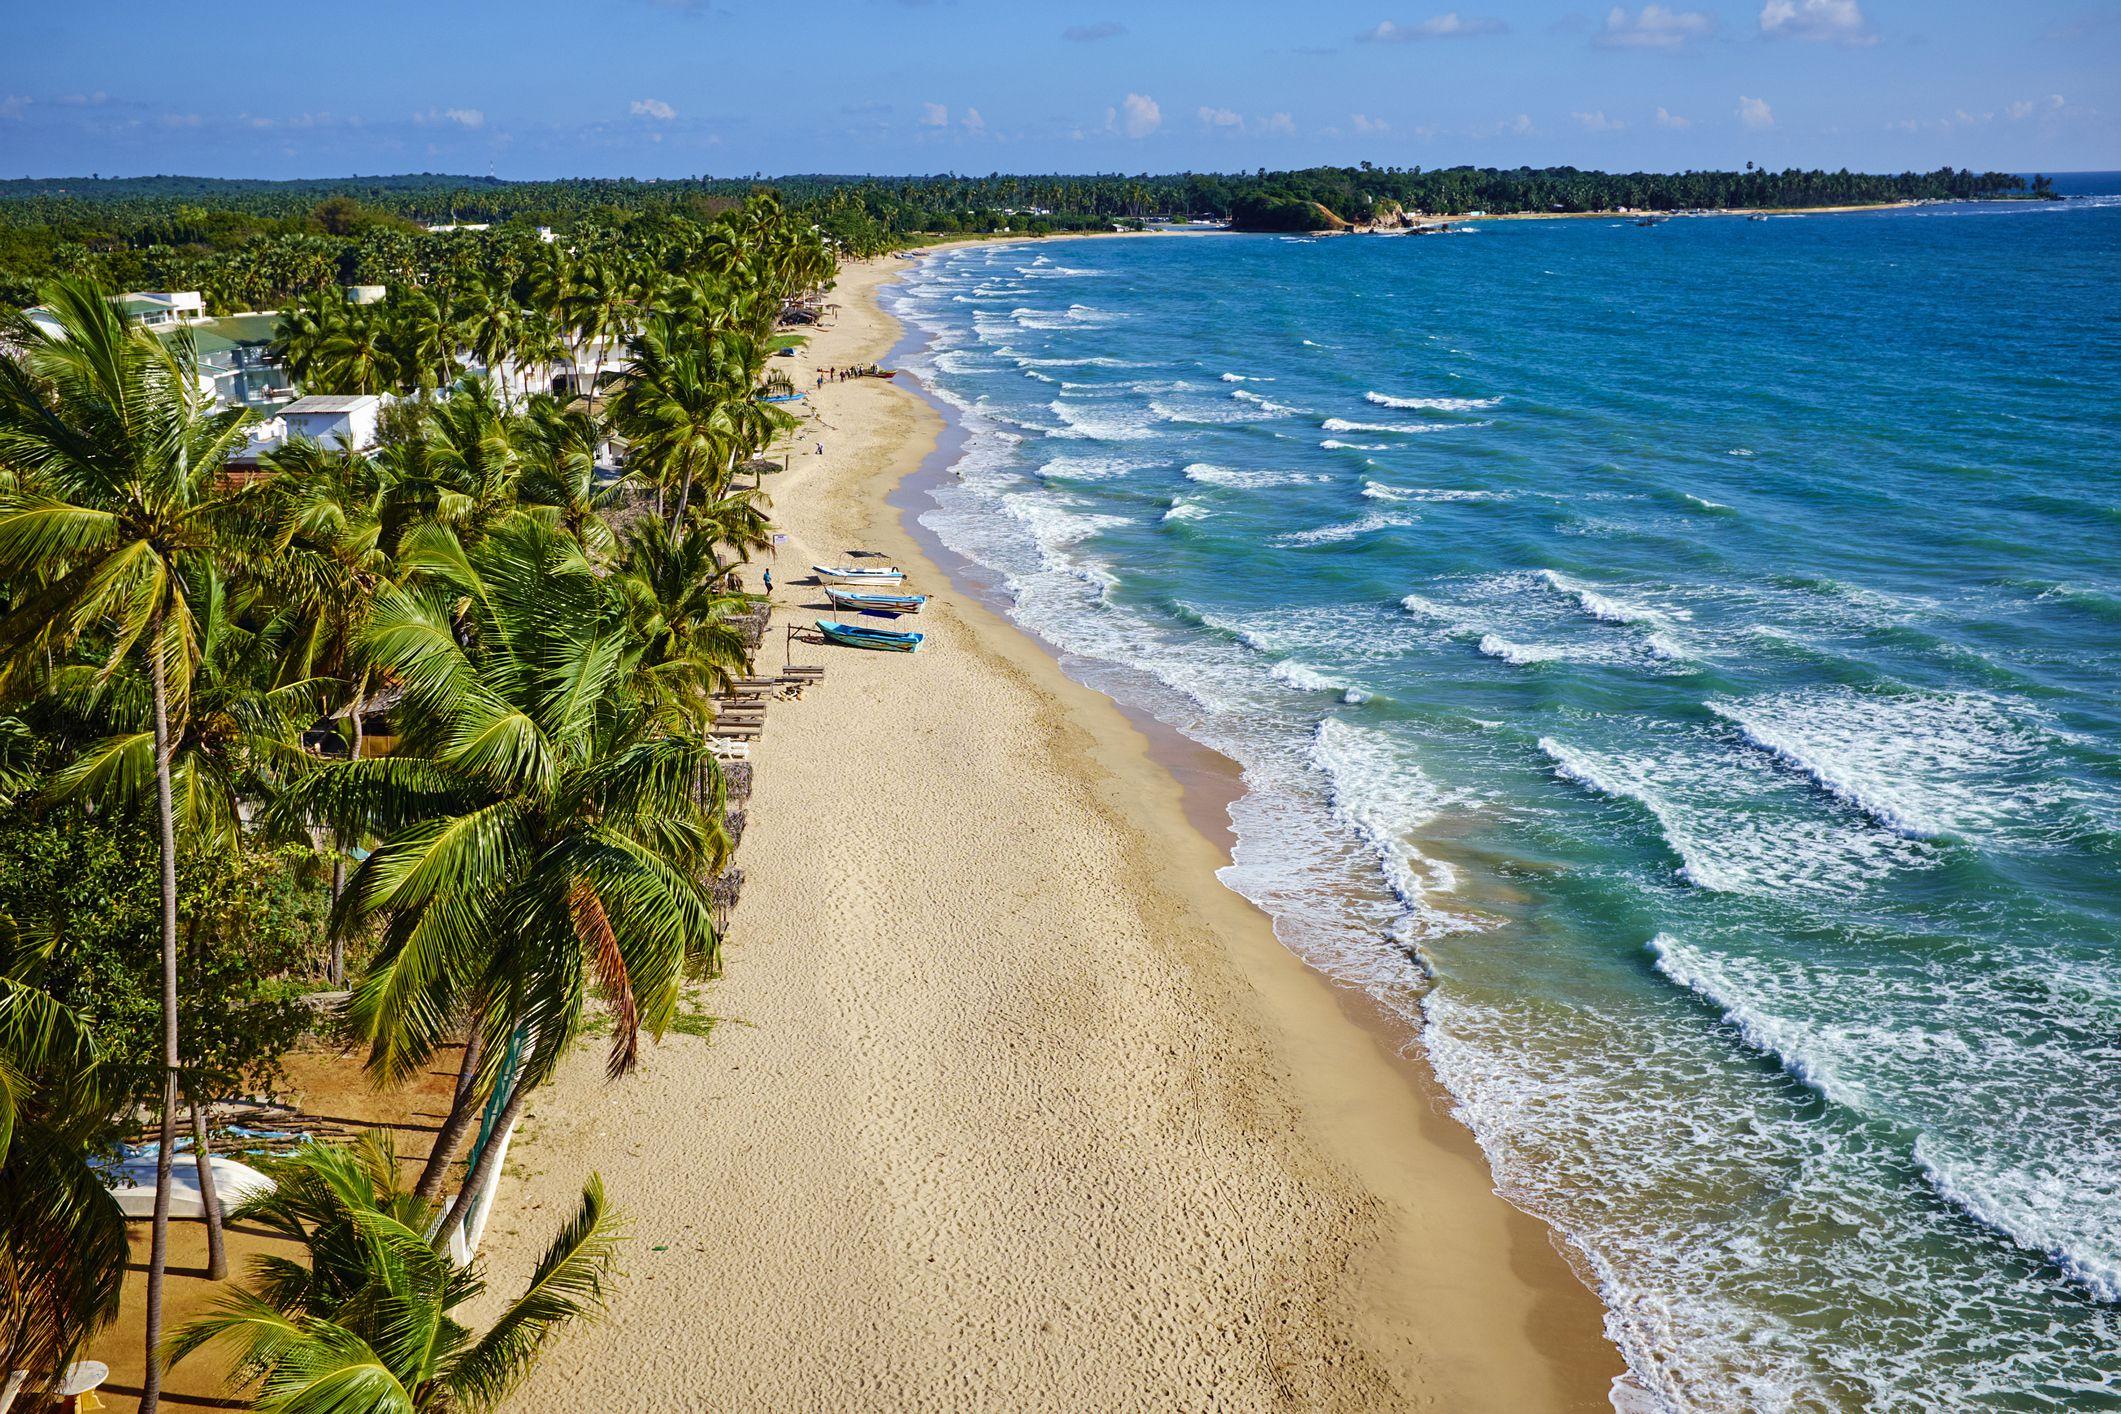 Sri Lanka, Trincomalee, Uppuveli strand